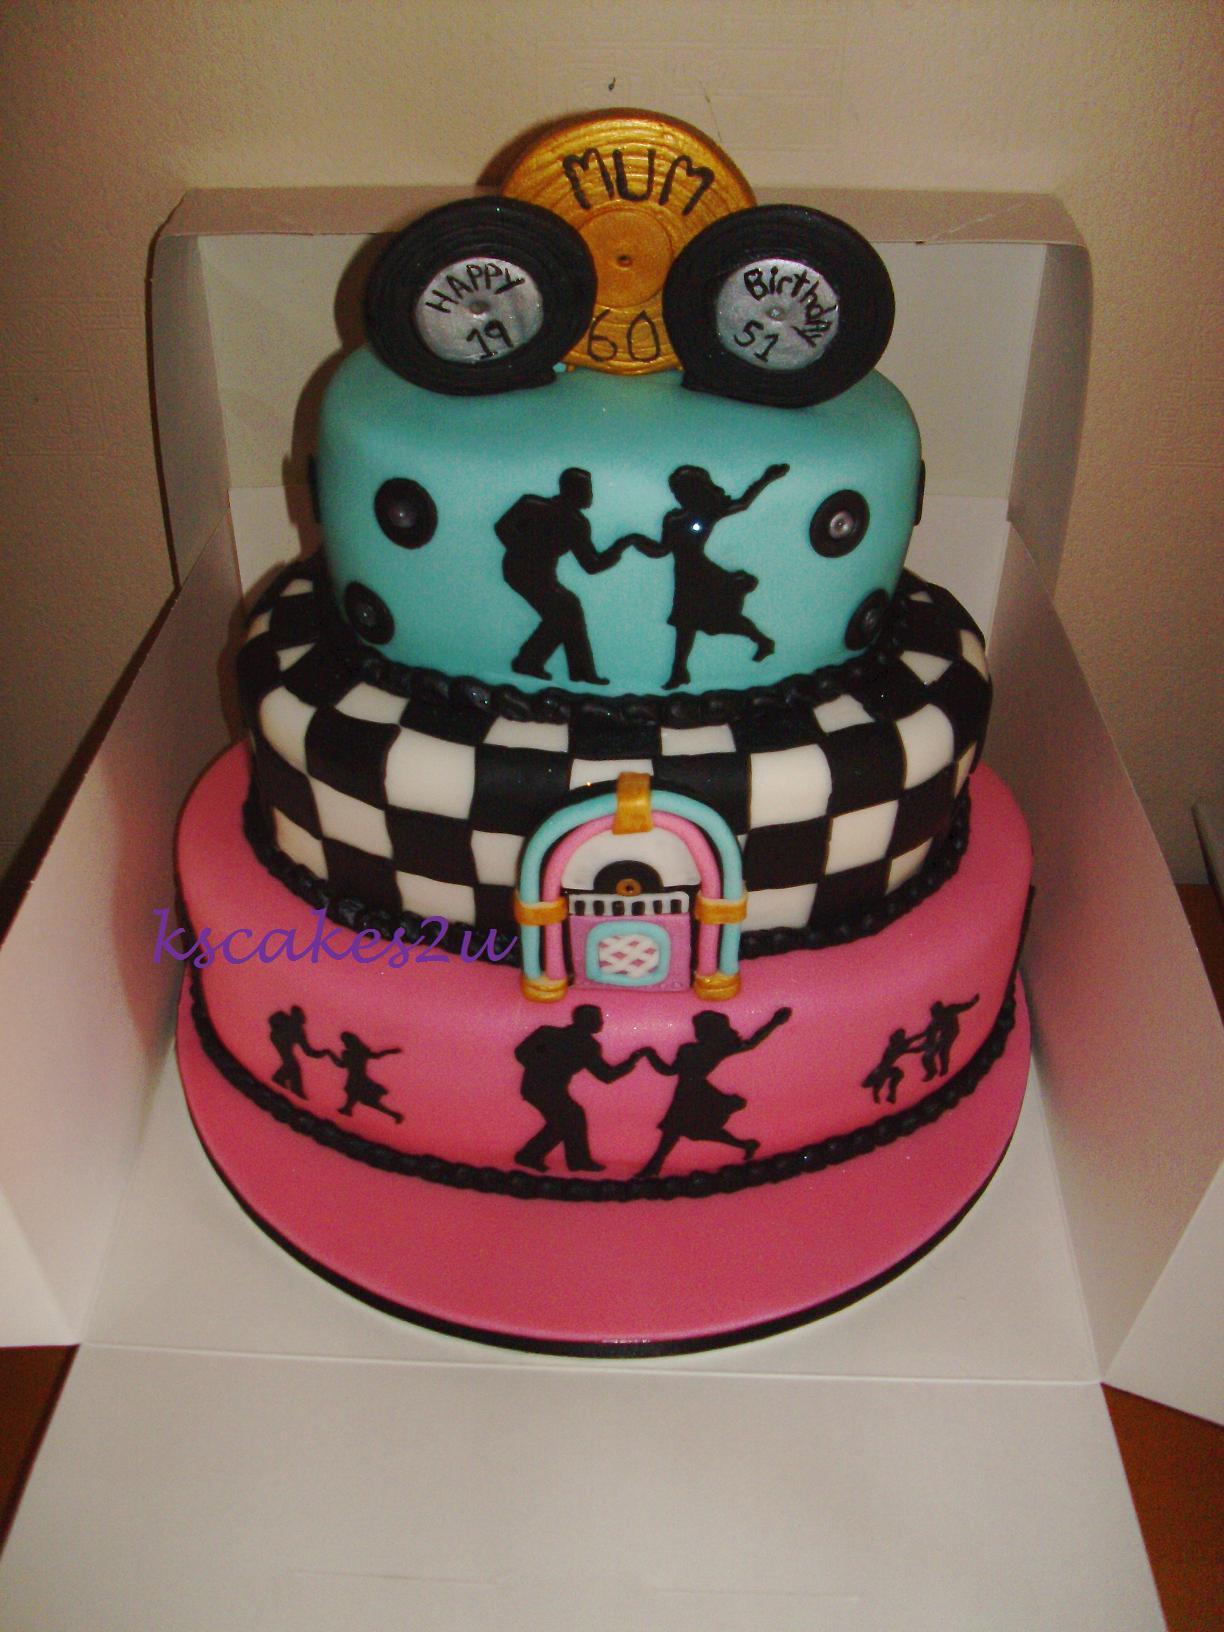 1950s Theme Birthday Cake Ideas